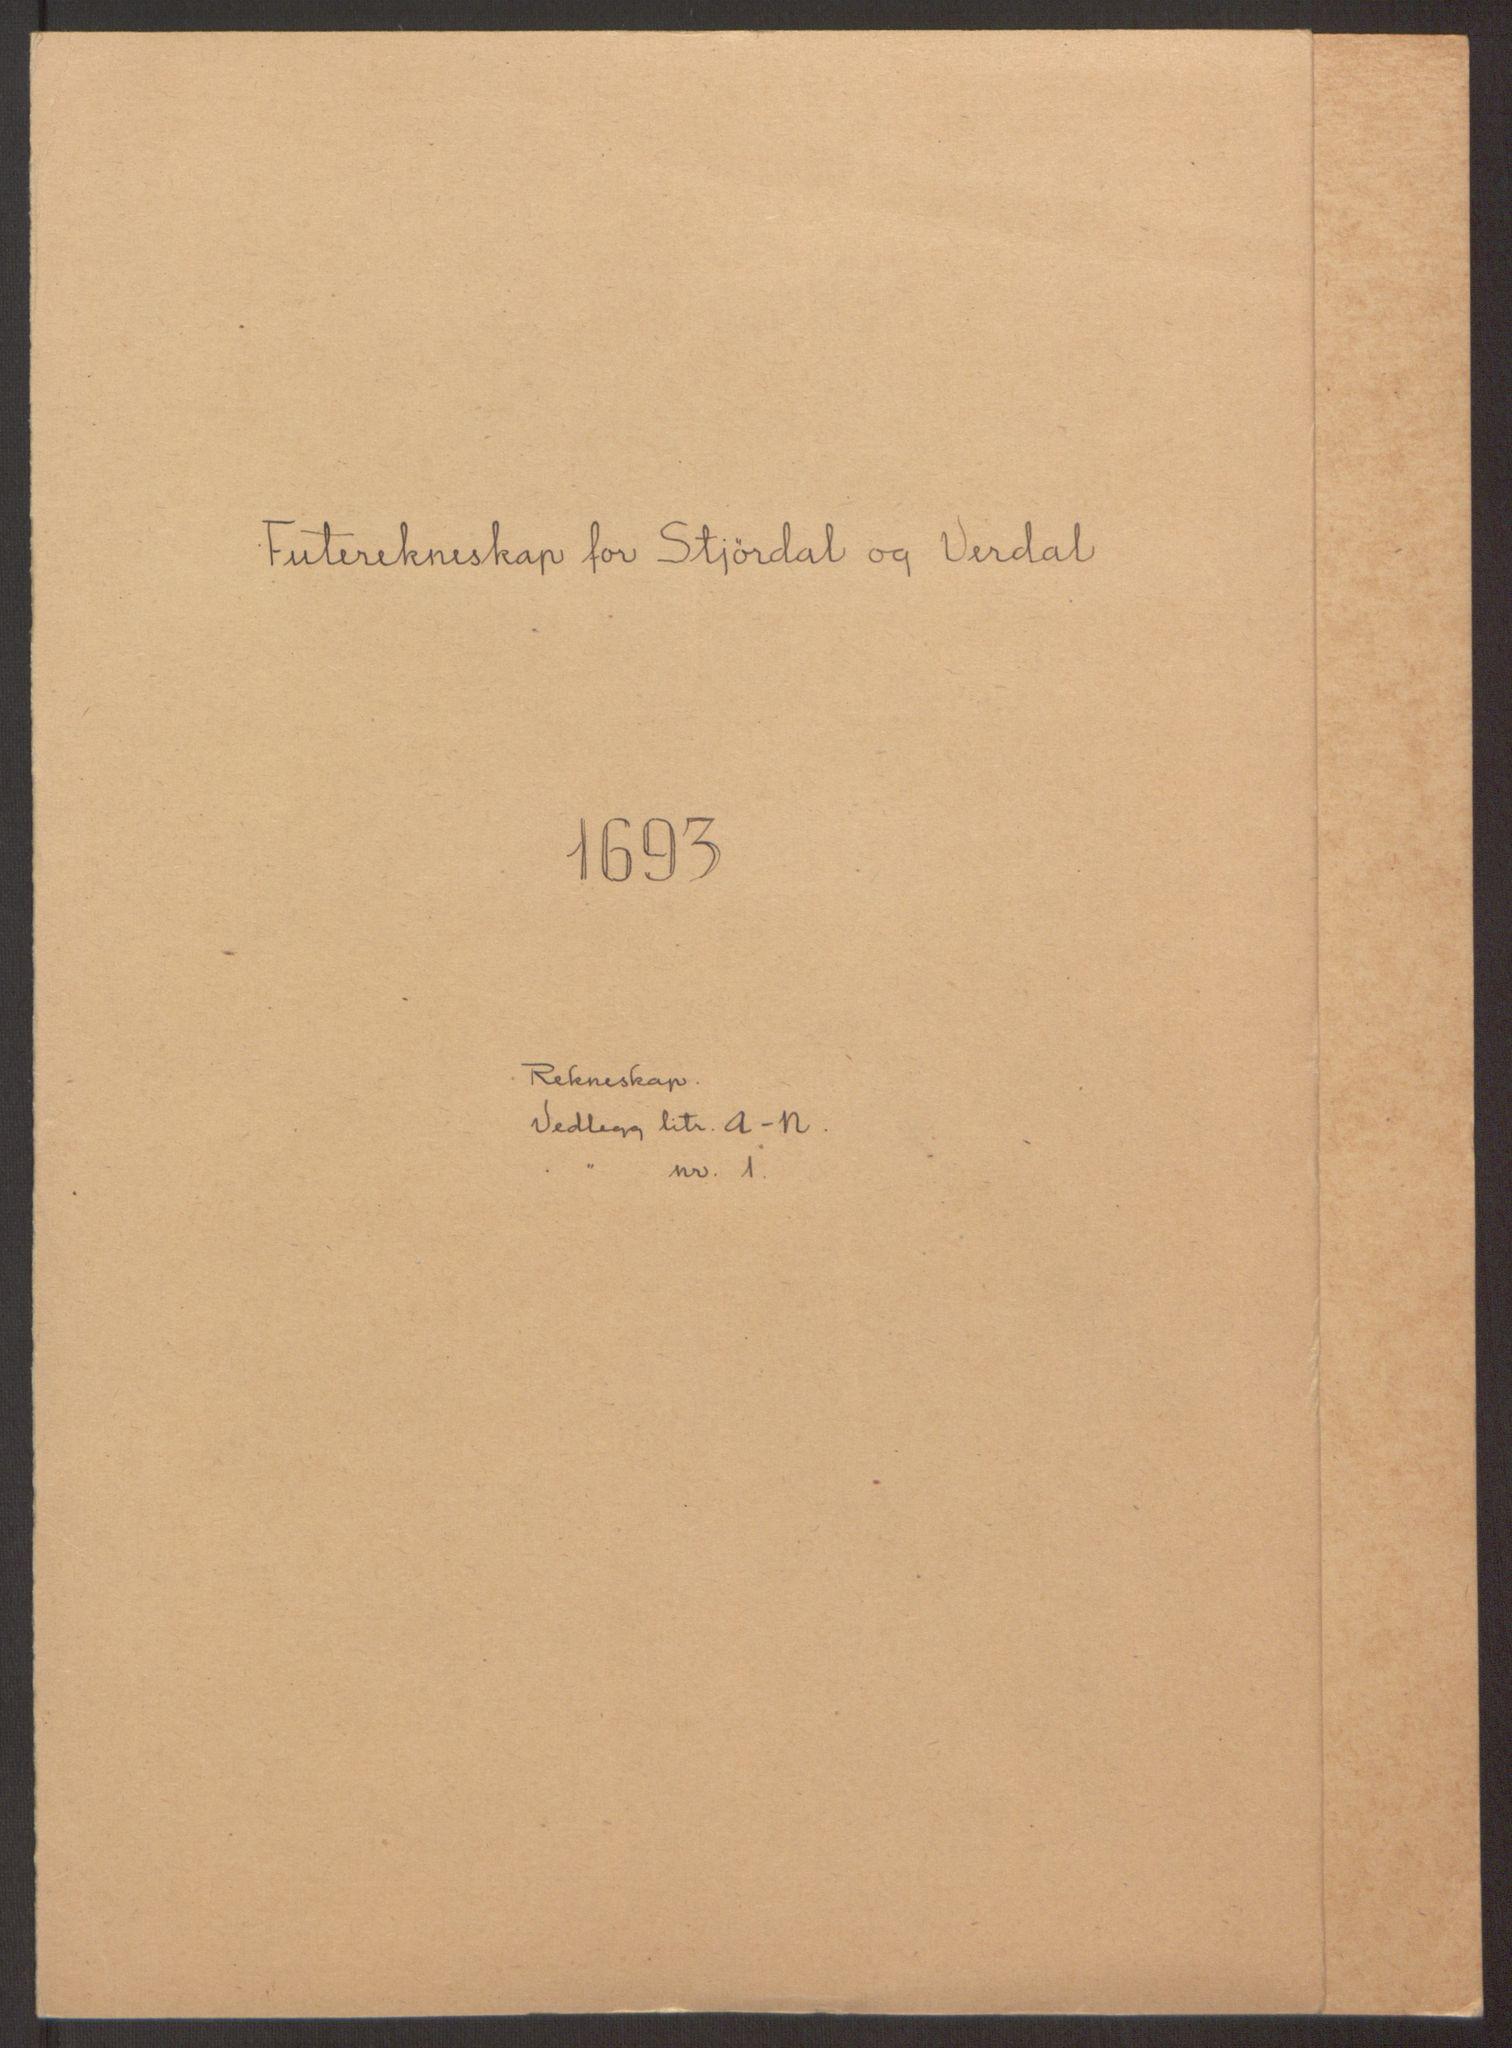 RA, Rentekammeret inntil 1814, Reviderte regnskaper, Fogderegnskap, R62/L4186: Fogderegnskap Stjørdal og Verdal, 1693-1694, s. 2